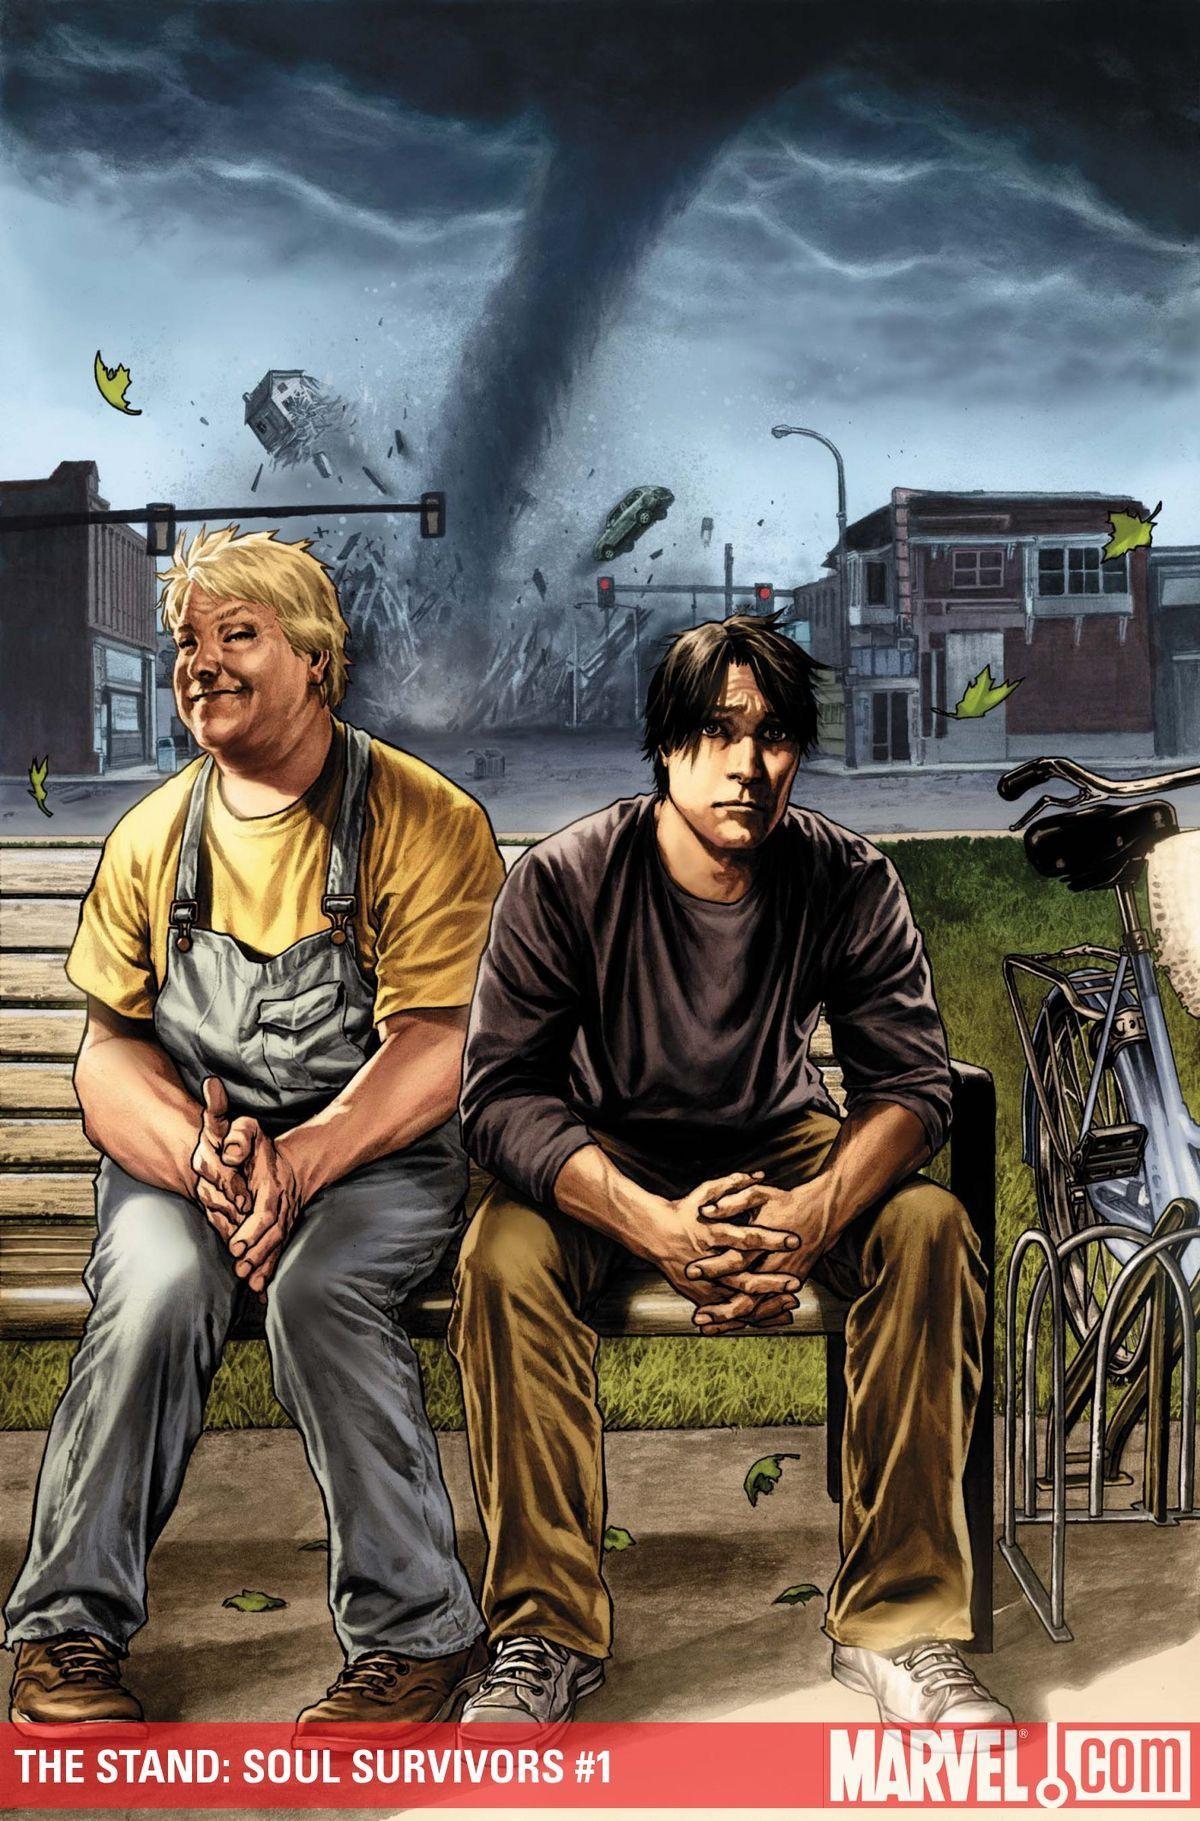 Pin By Almiti Blak On Gunslinger Stephen King The Stand Stephen King Stephen King Books